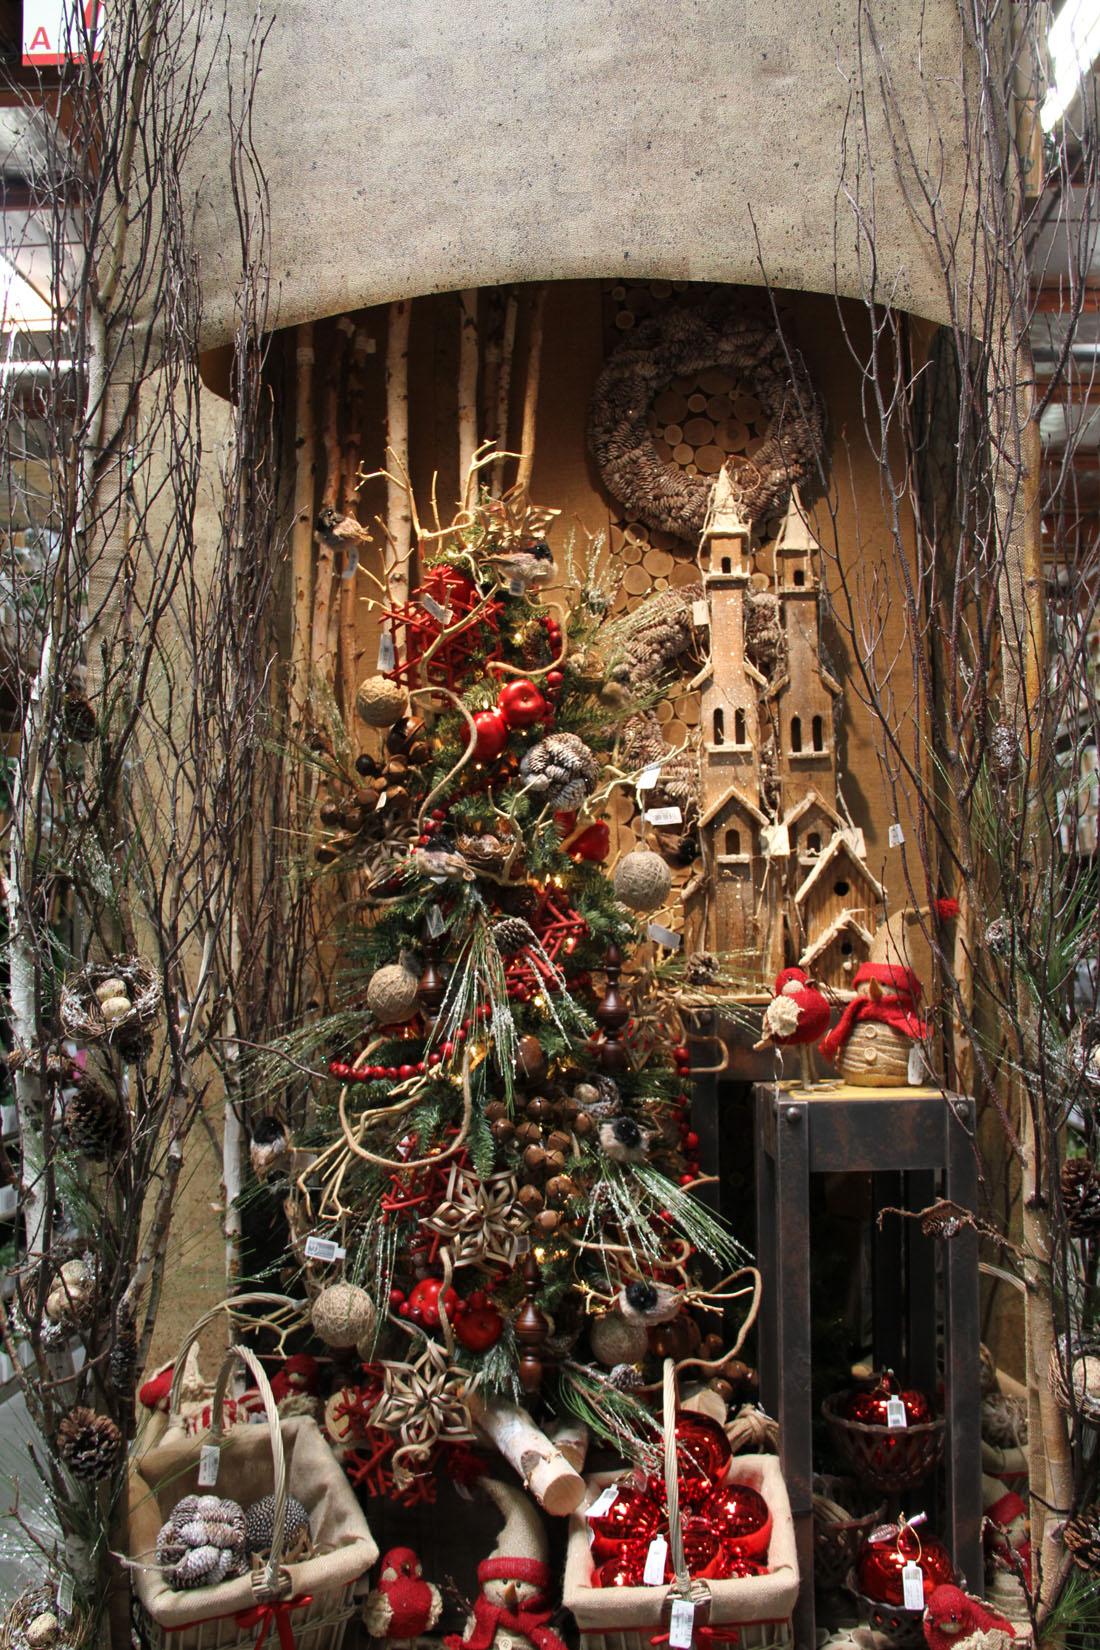 Rustic Christmas Display